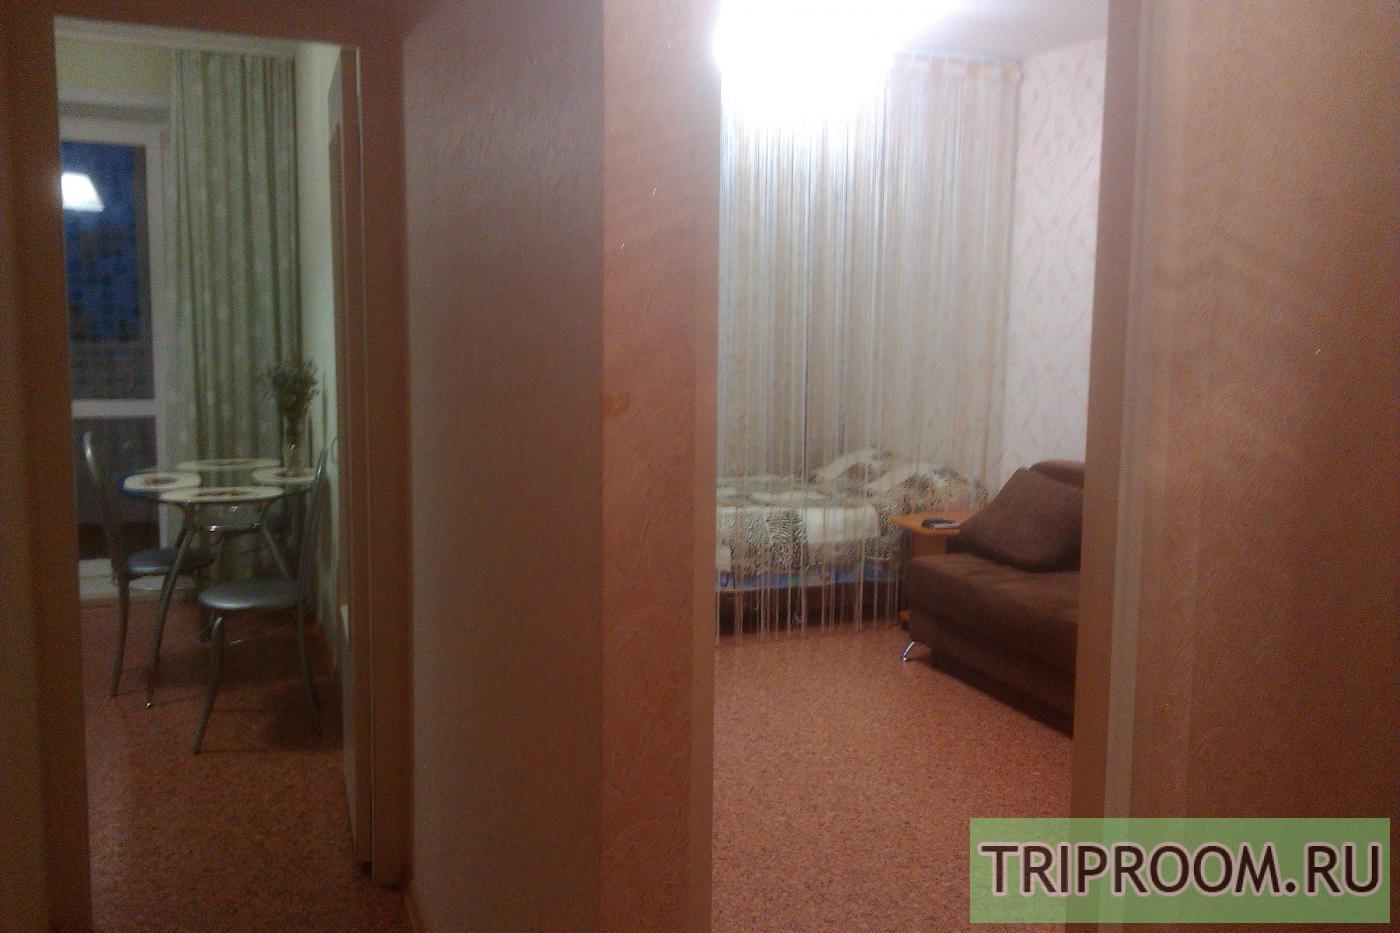 1-комнатная квартира посуточно (вариант № 11982), ул. Оханская улица, фото № 2